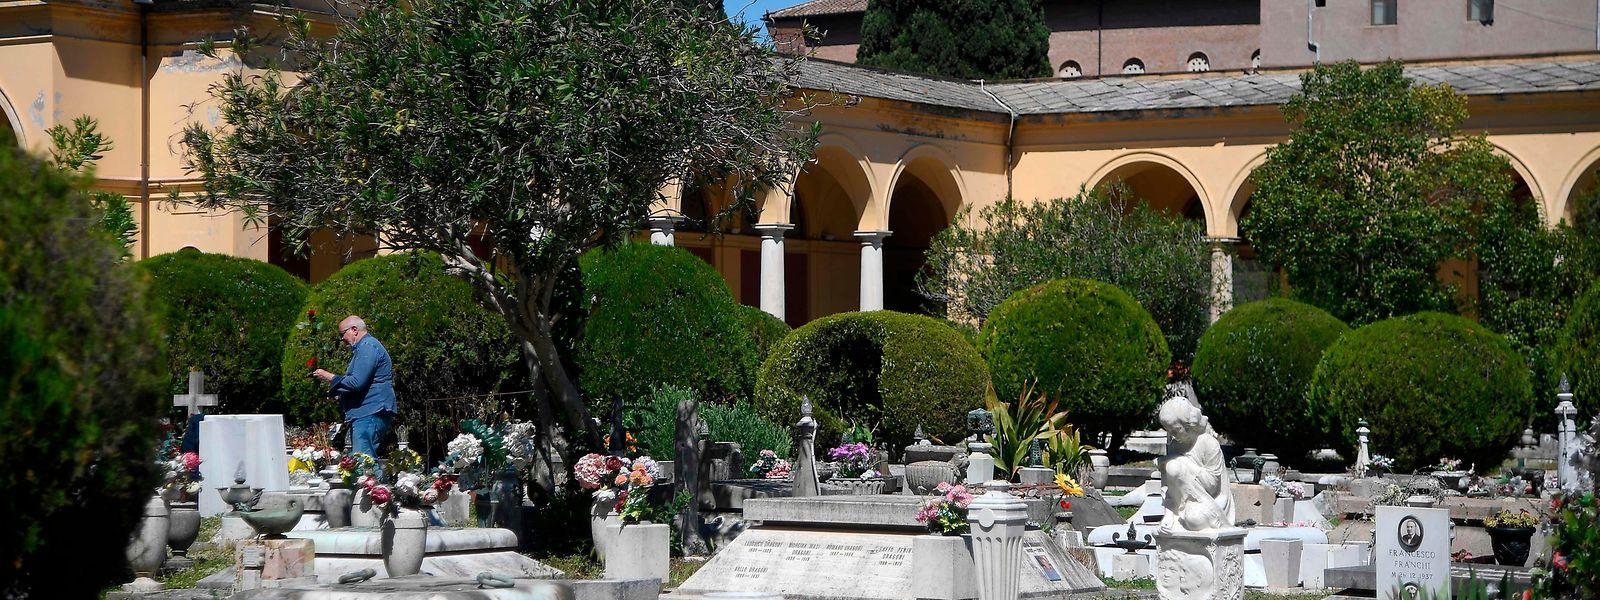 L'Italie est le deuxième pays européen, après le Royaume-Uni mardi, à dépasser la barre symbolique des 30.000 morts du covid-19